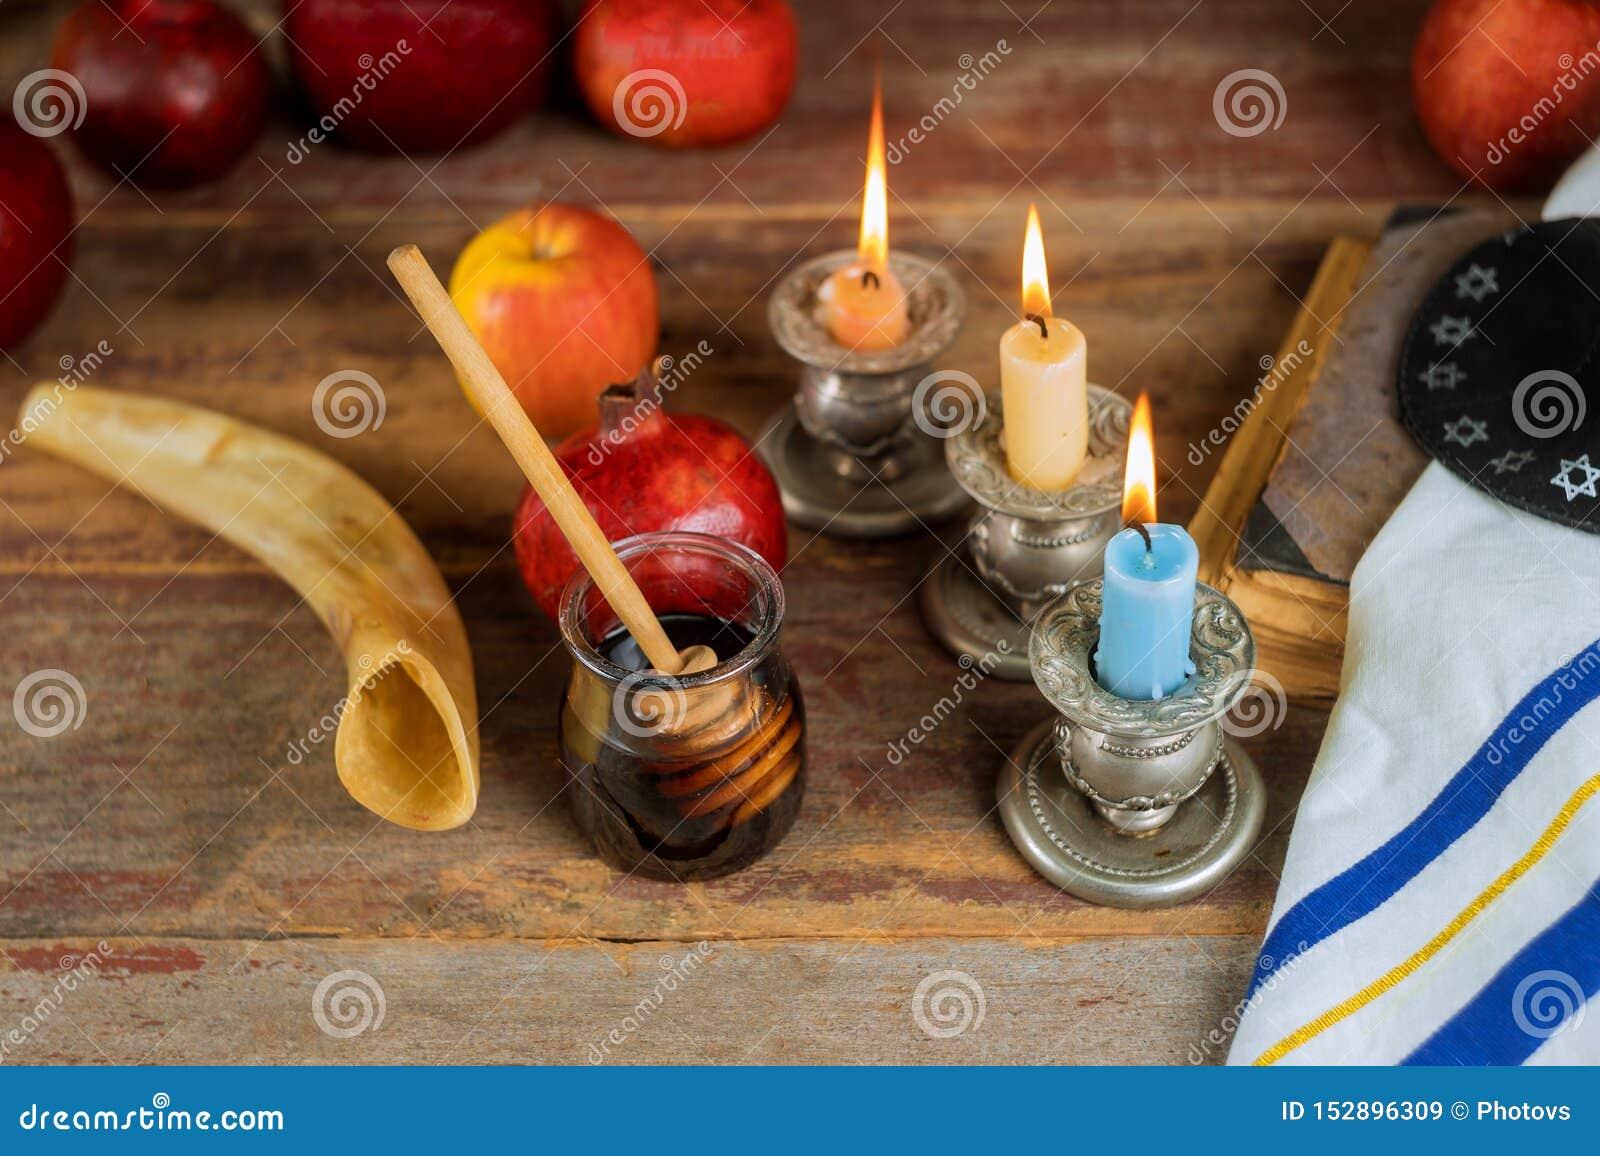 Jüdischer Feiertag Rosh Hashanah, Äpfel Honig und Granatapfel torah Buch, kippah ein yamolka talit